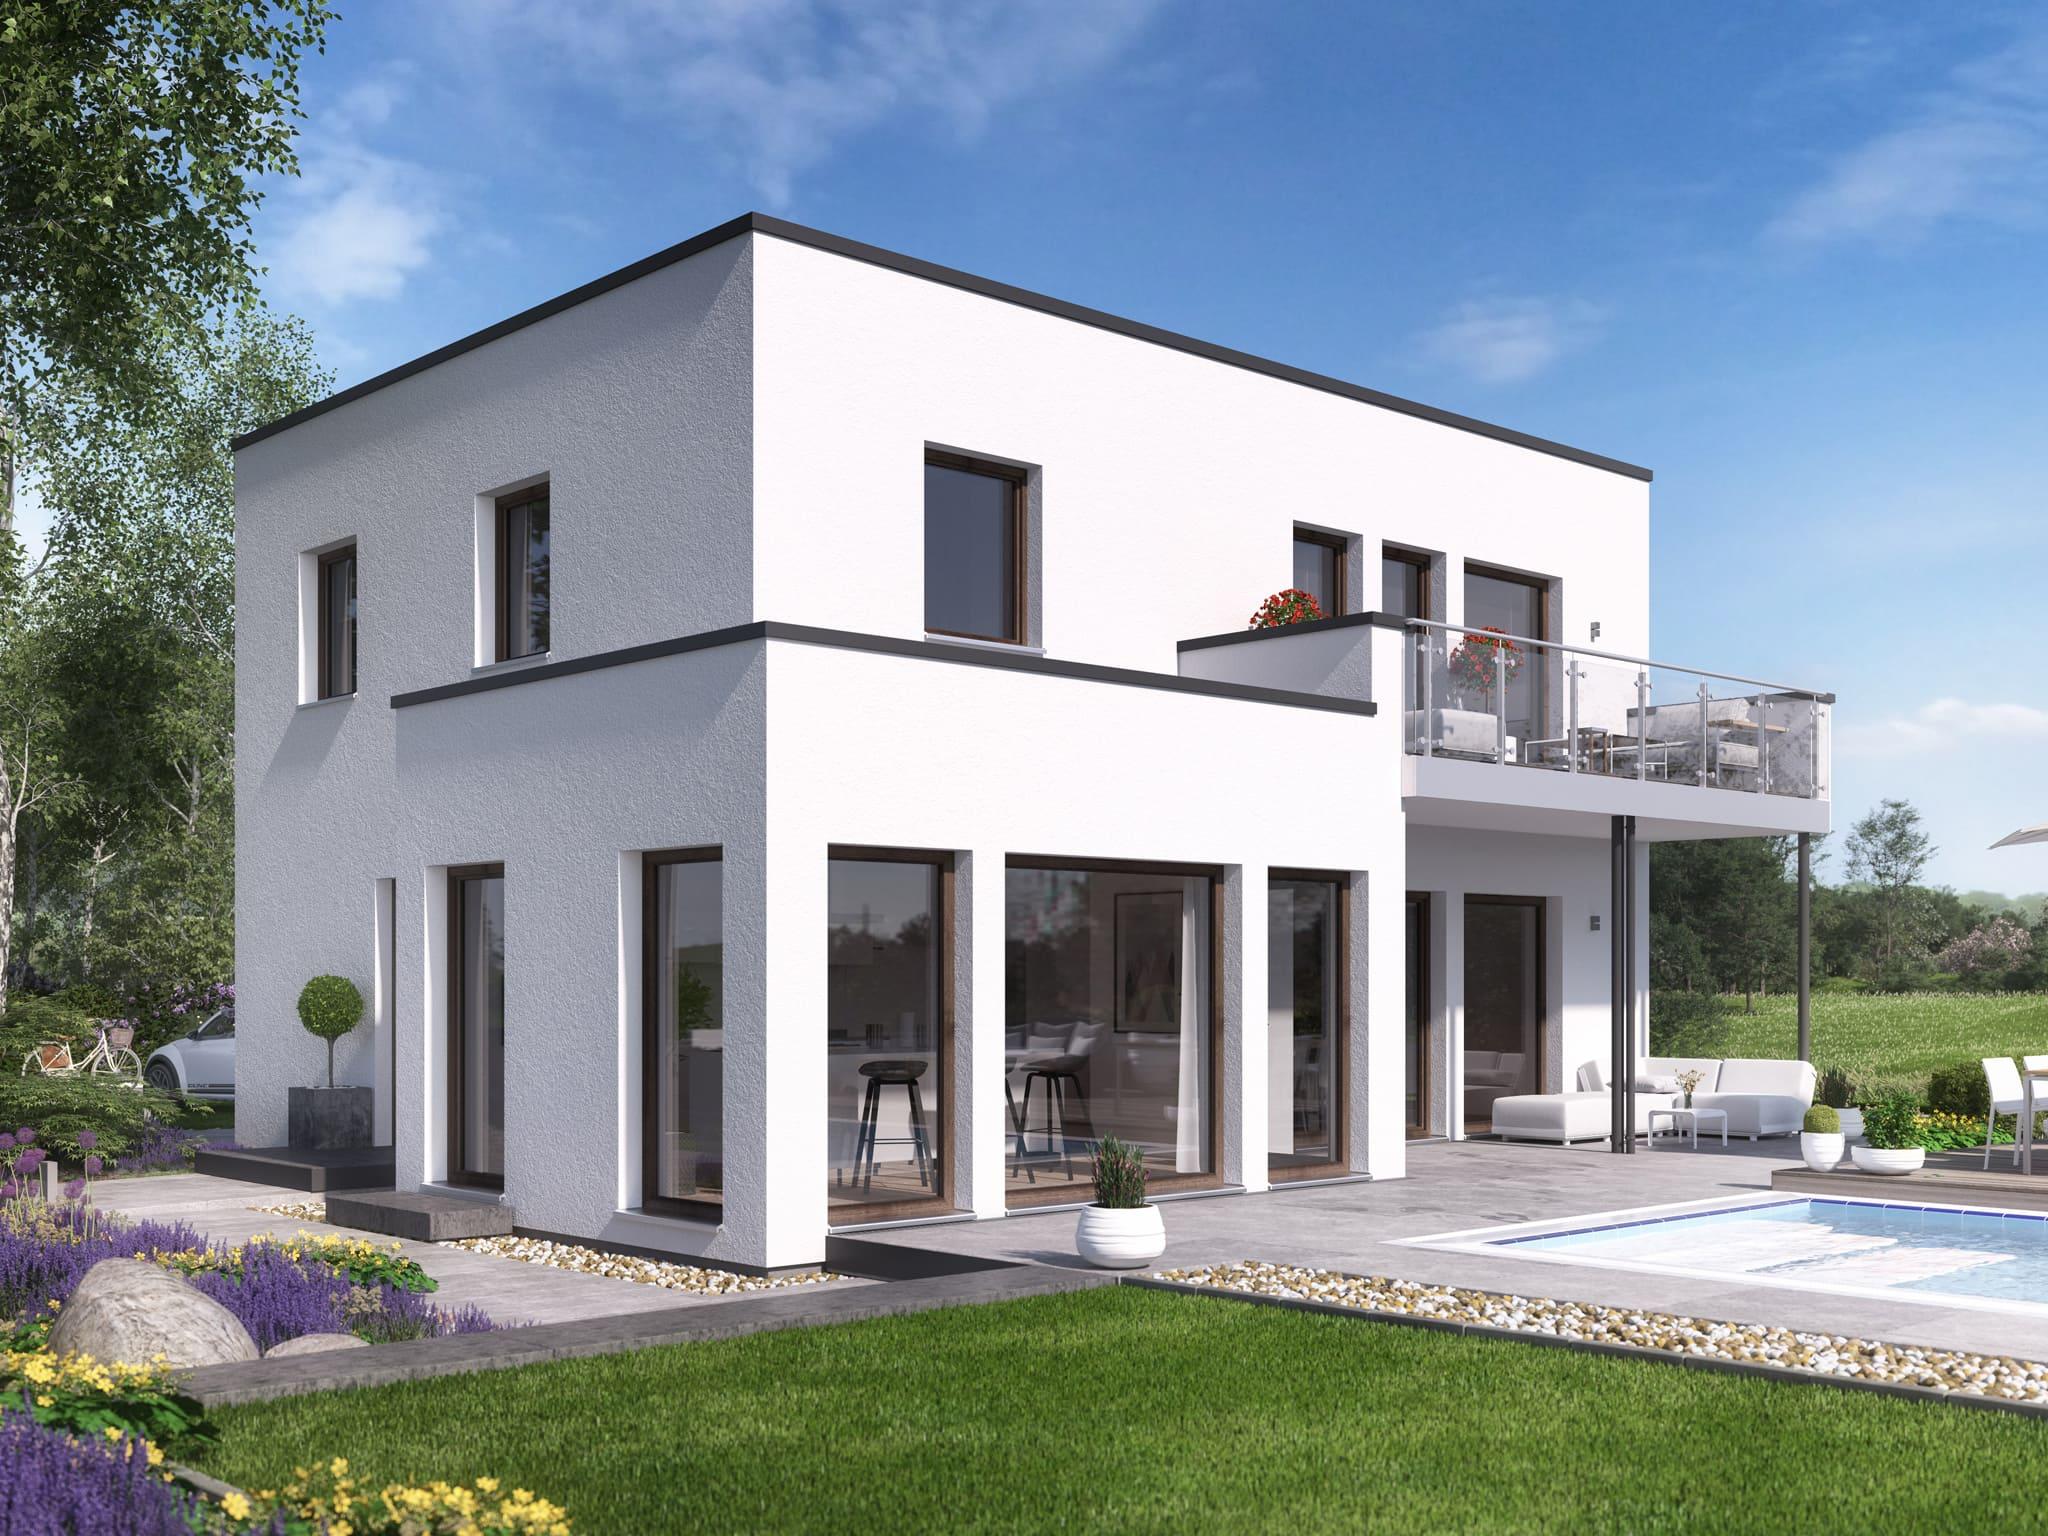 Einfamilienhaus modern mit Flachdach Architektur im Bauhausstil, Erker mit Balkon & Pool Terrasse - Haus bauen Ideen Bien Zenker Fertighaus EVOLUTION 139 V9 - HausbauDirekt.de